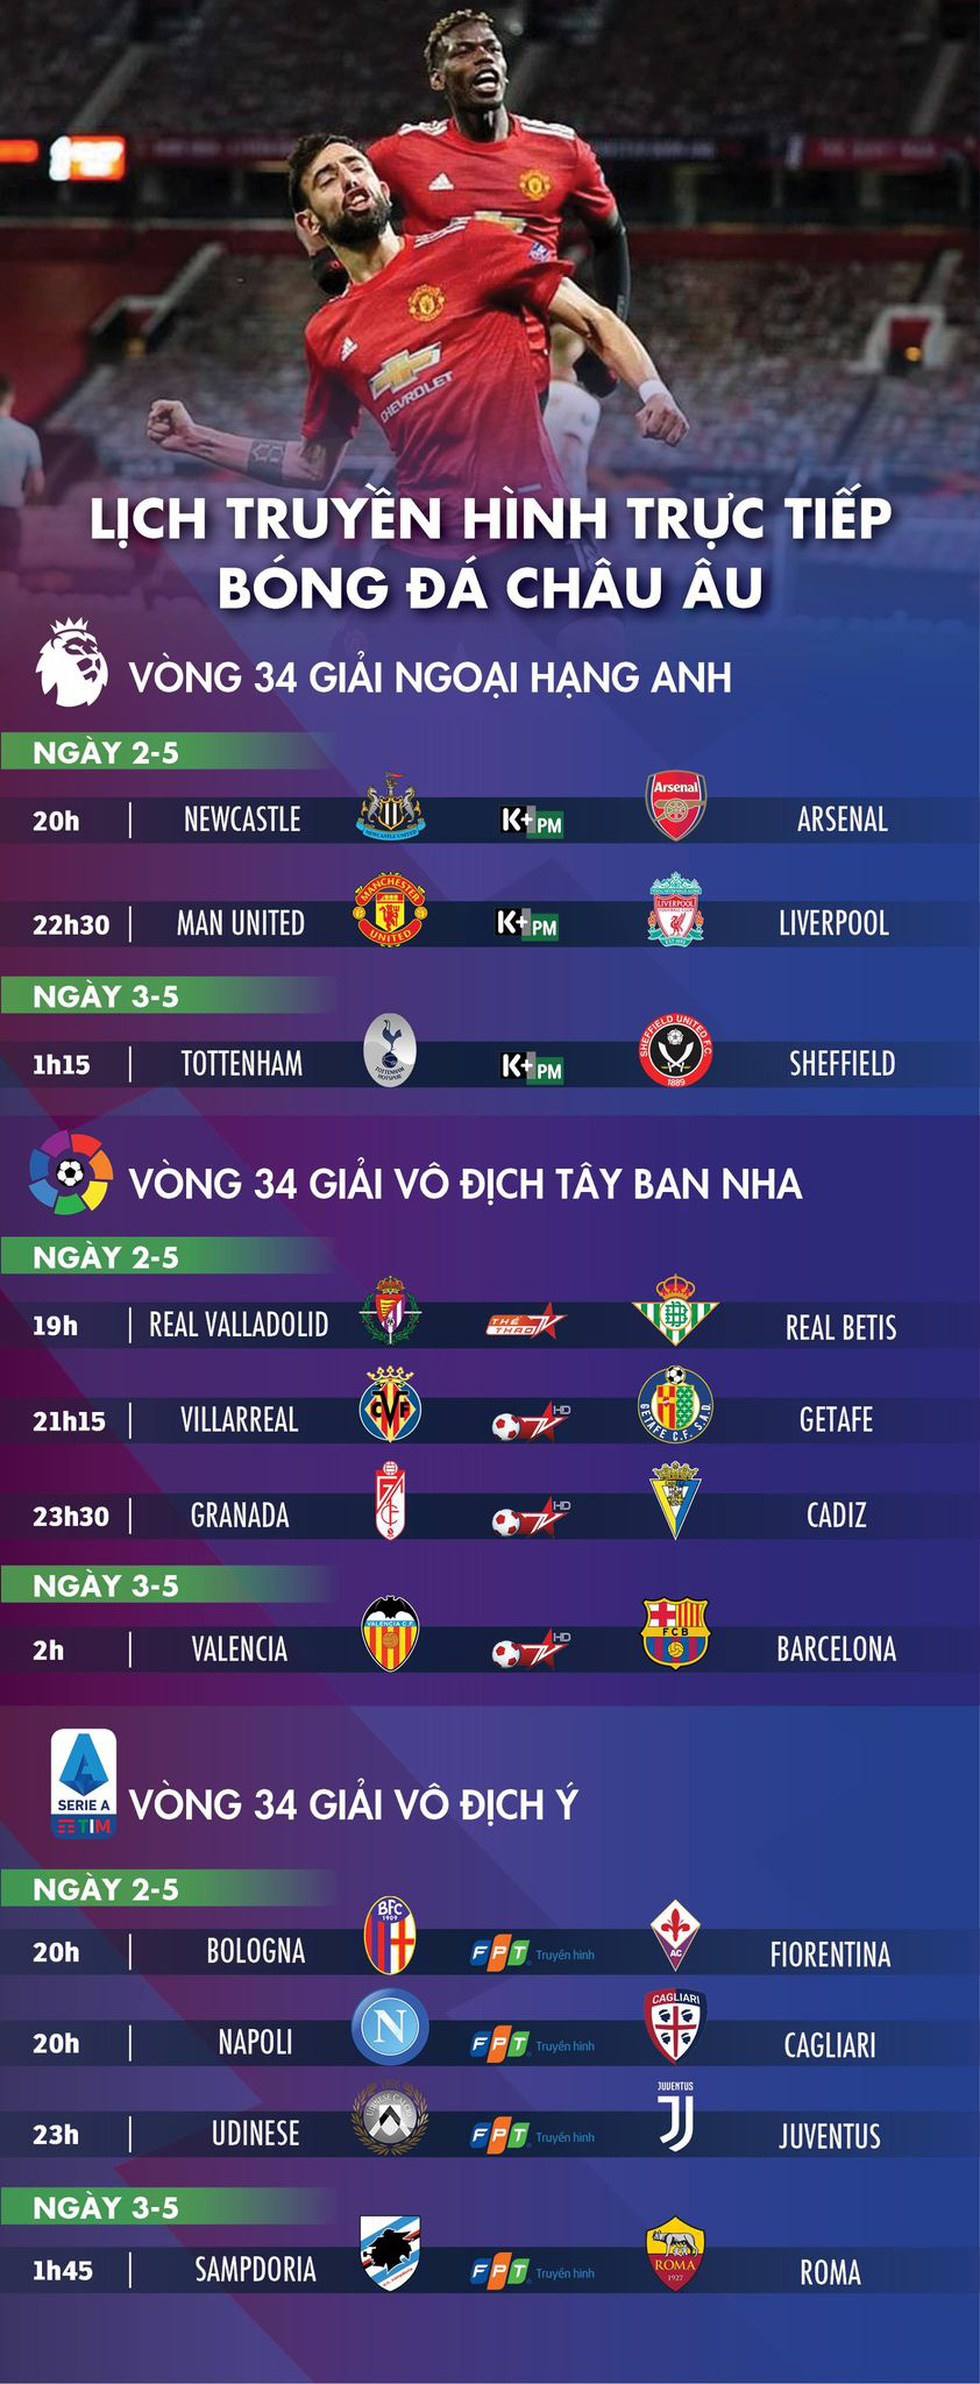 Lịch trực tiếp bóng đá châu Âu 2-5: Man United - Liverpool - Ảnh 1.